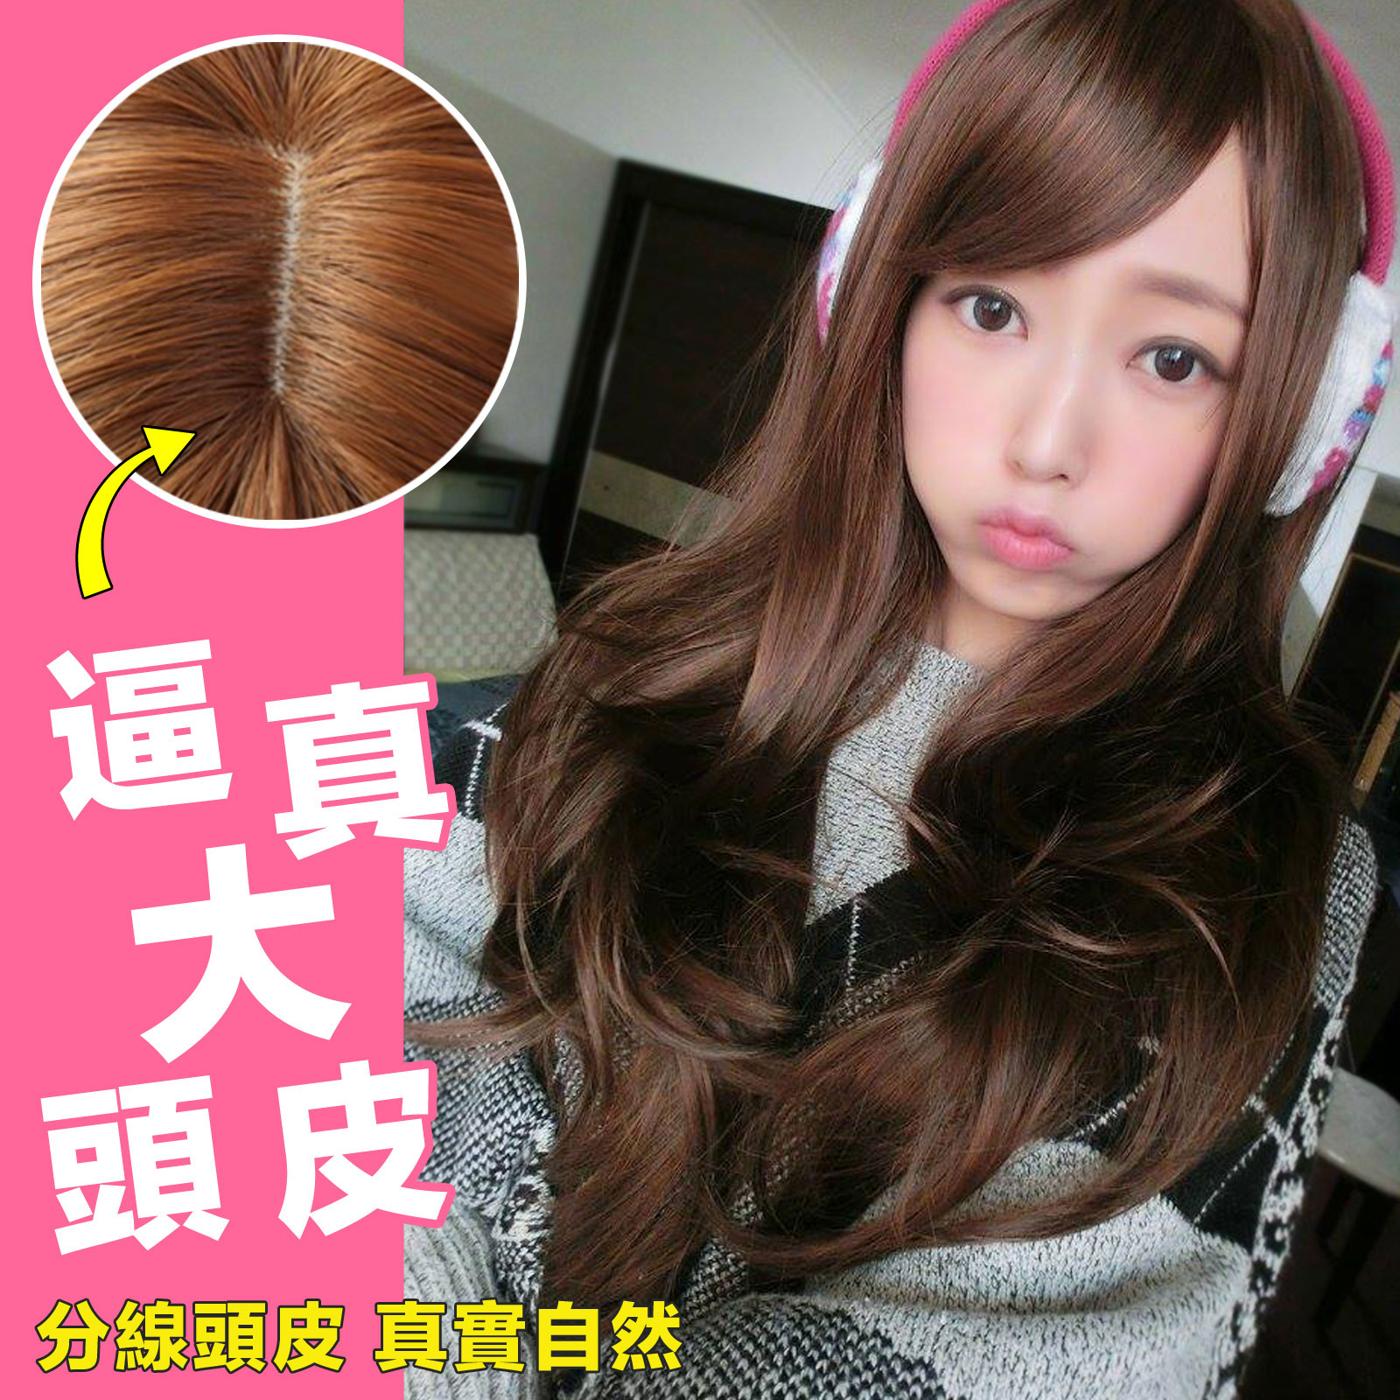 韓系高仿真斜瀏海空靈感唯美長髮耐熱MA212韓系高仿真假髮雙兒網